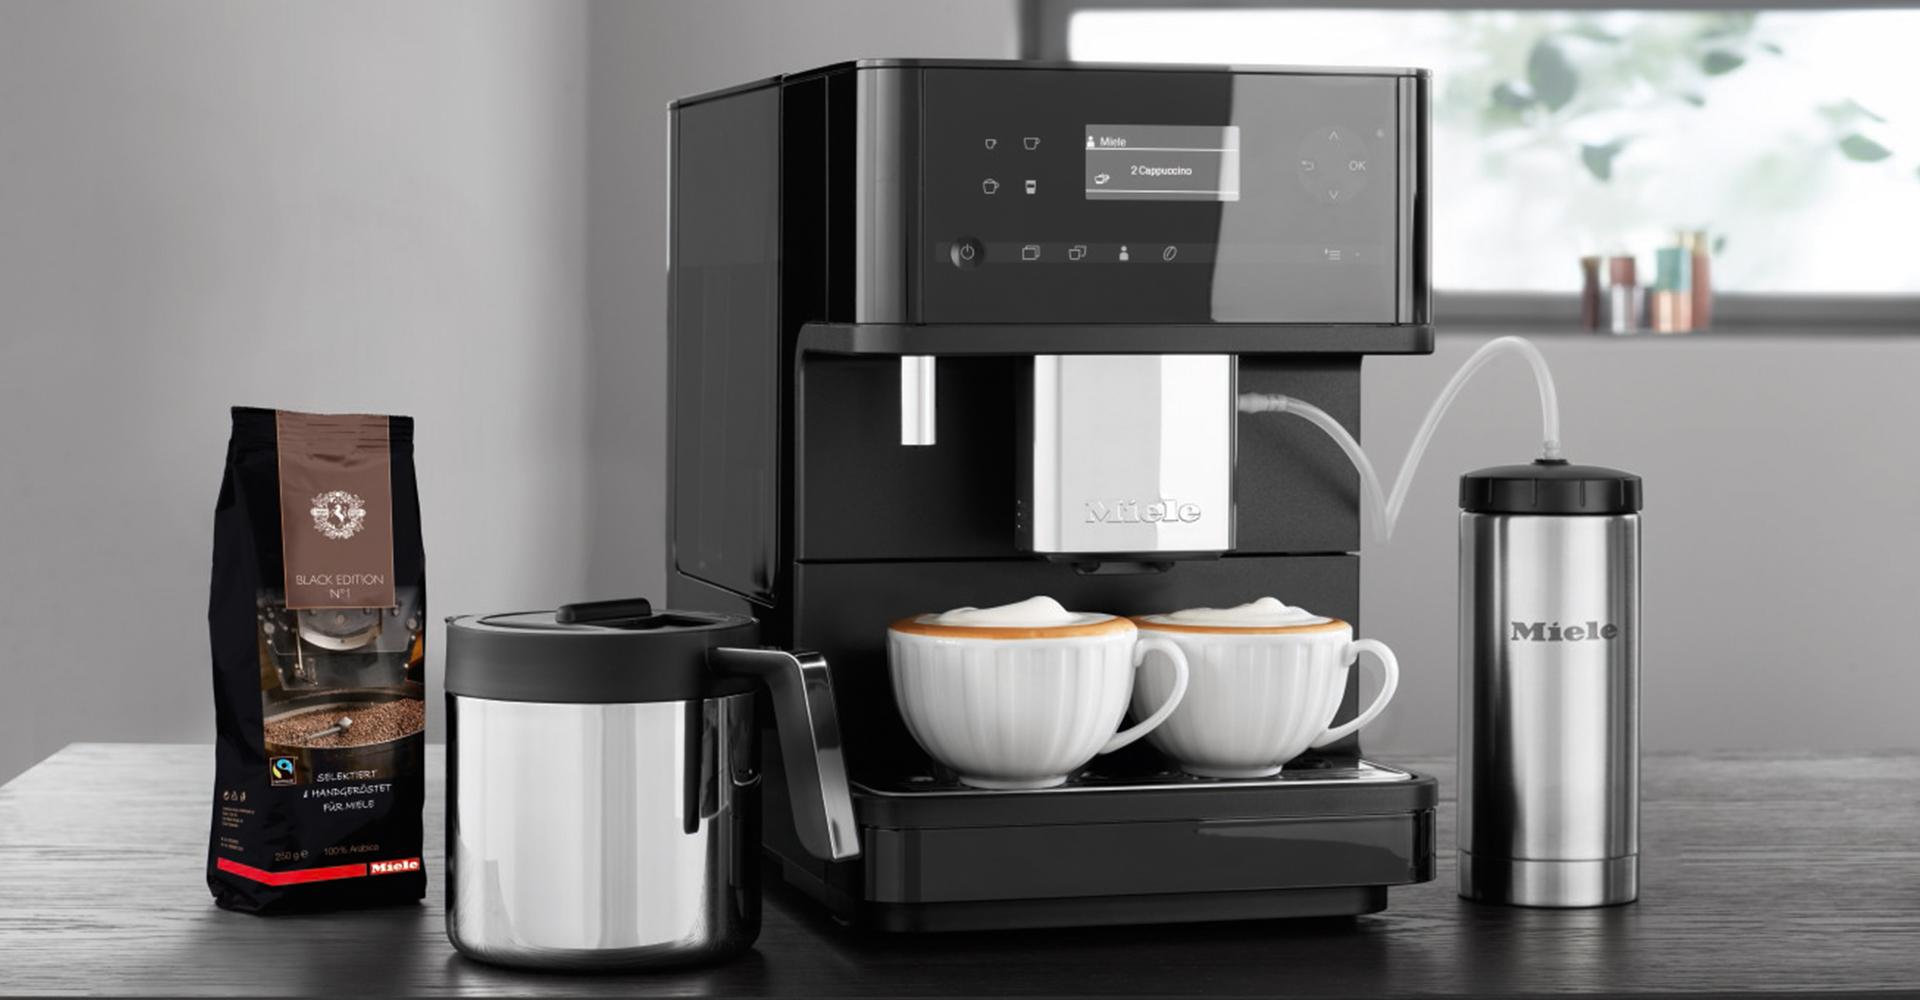 Miele cm6 black edition kaffeemaschine for Kaffeemaschine miele